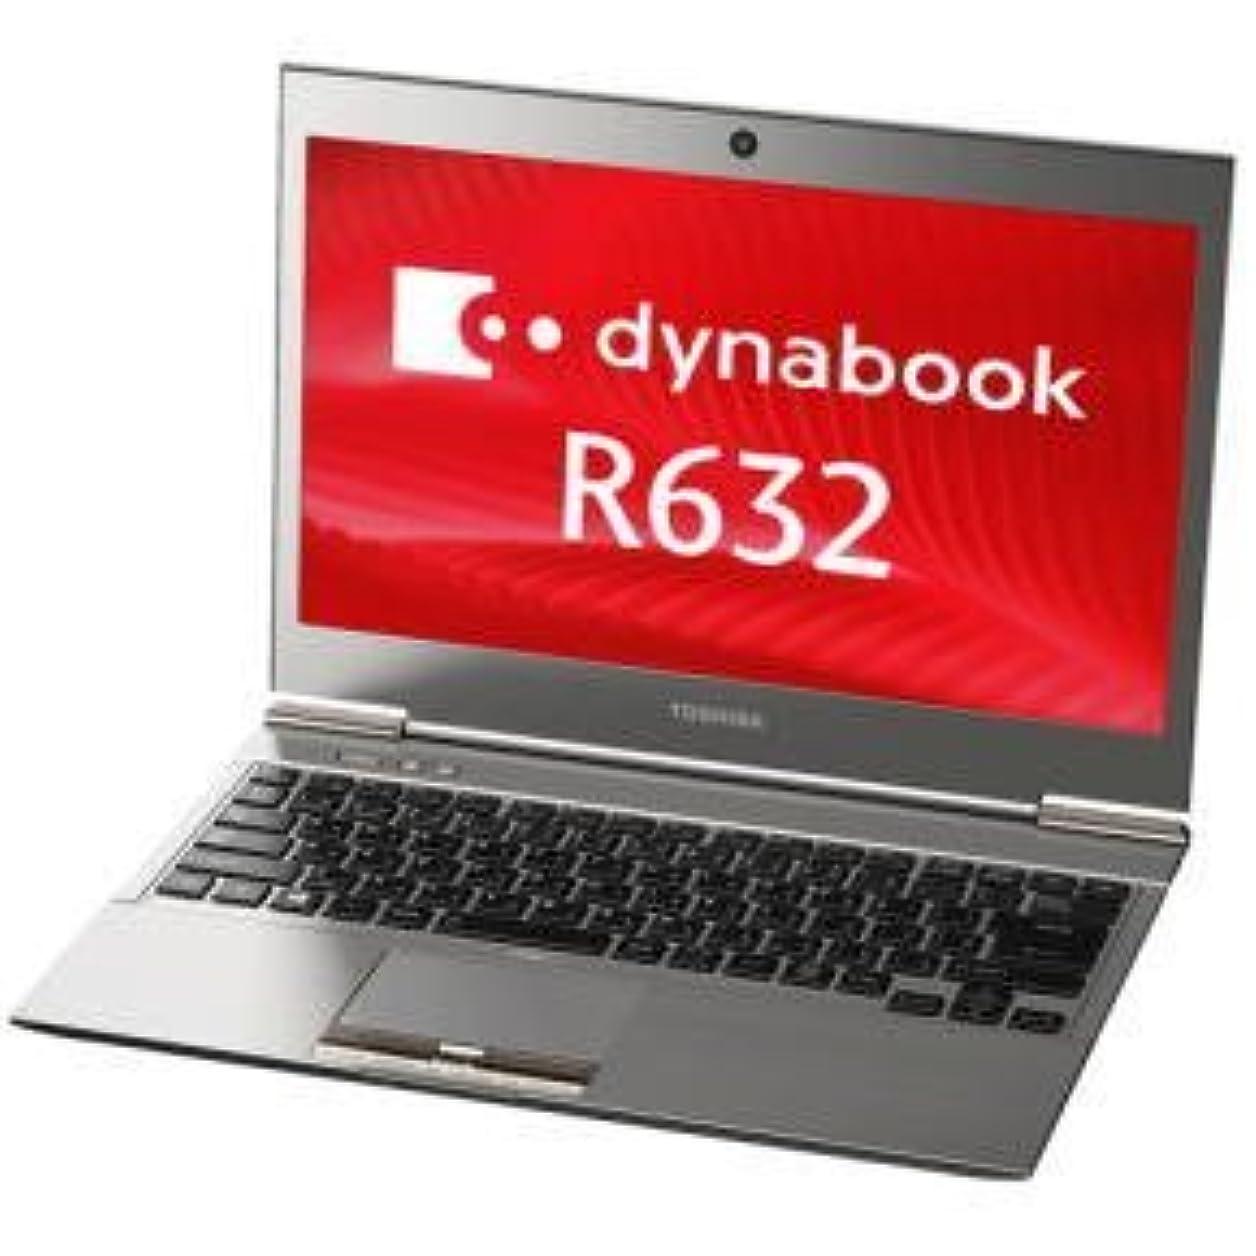 すすり泣き予測子あえぎ東芝 Dynabook PR632HAWX47A71 ULTRABOOK Windows7 Pro 32Bit/64Bit Corei5 4GB SSD128GB 無線LAN Bluettoth USB3.0 HDMI WEBカメラ 13.3型(非光沢)液晶ノートパソコン Win8Proリカバリメディア付でOS入替可